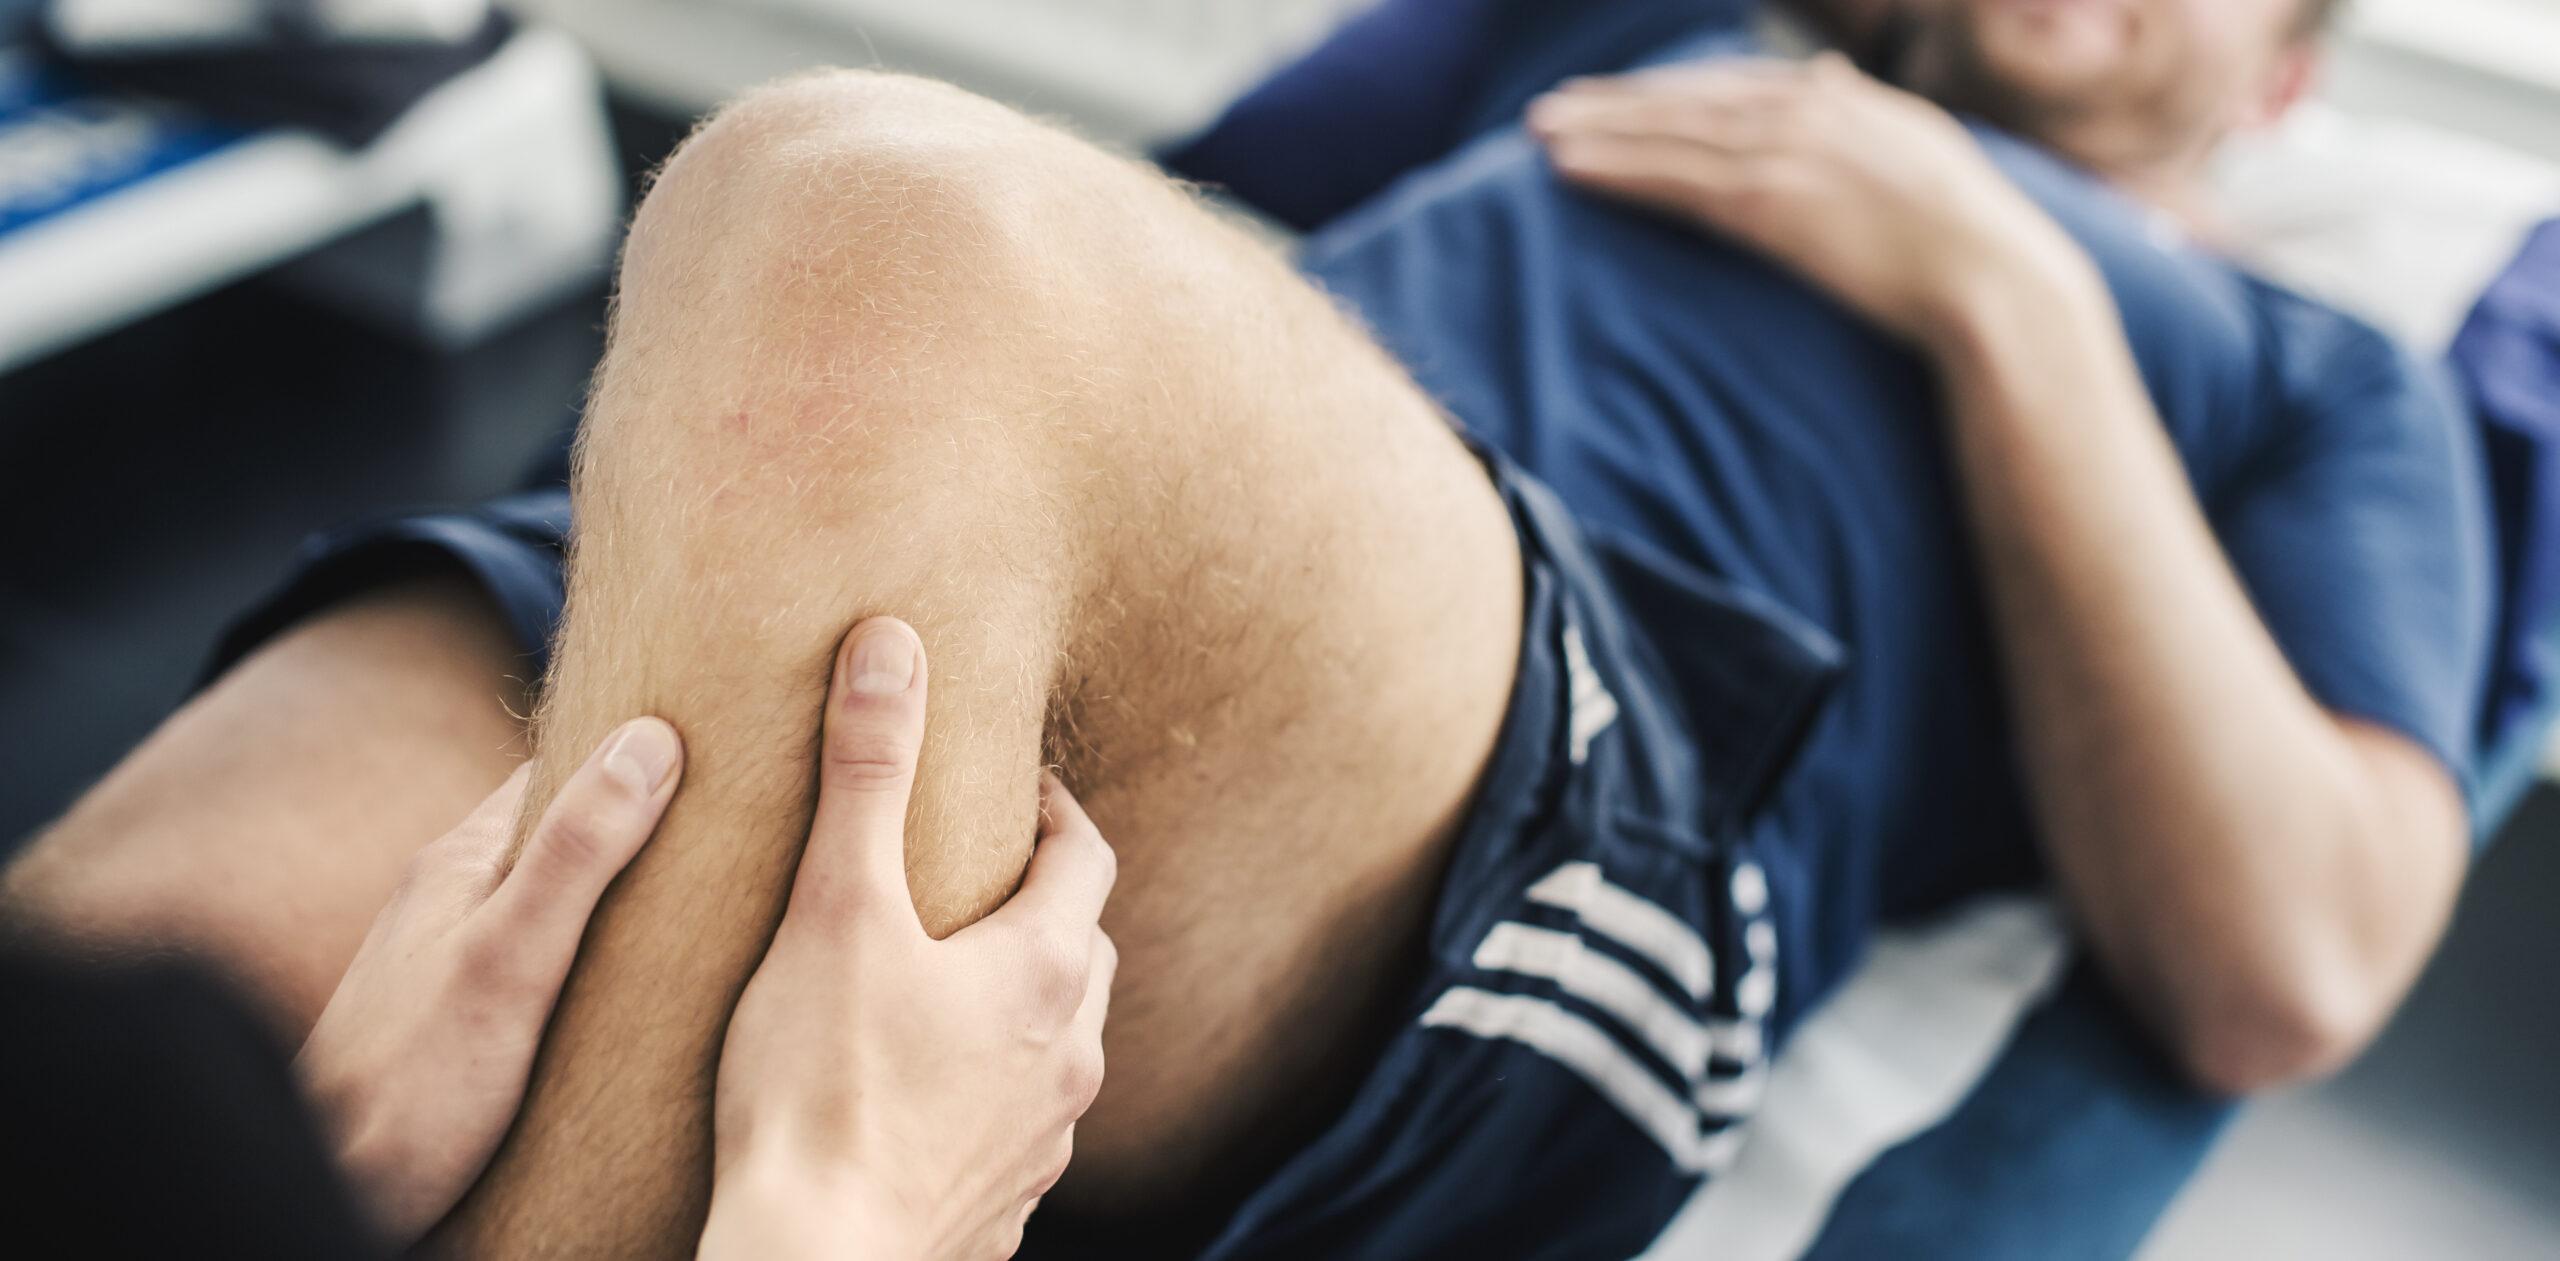 Limb Injuries